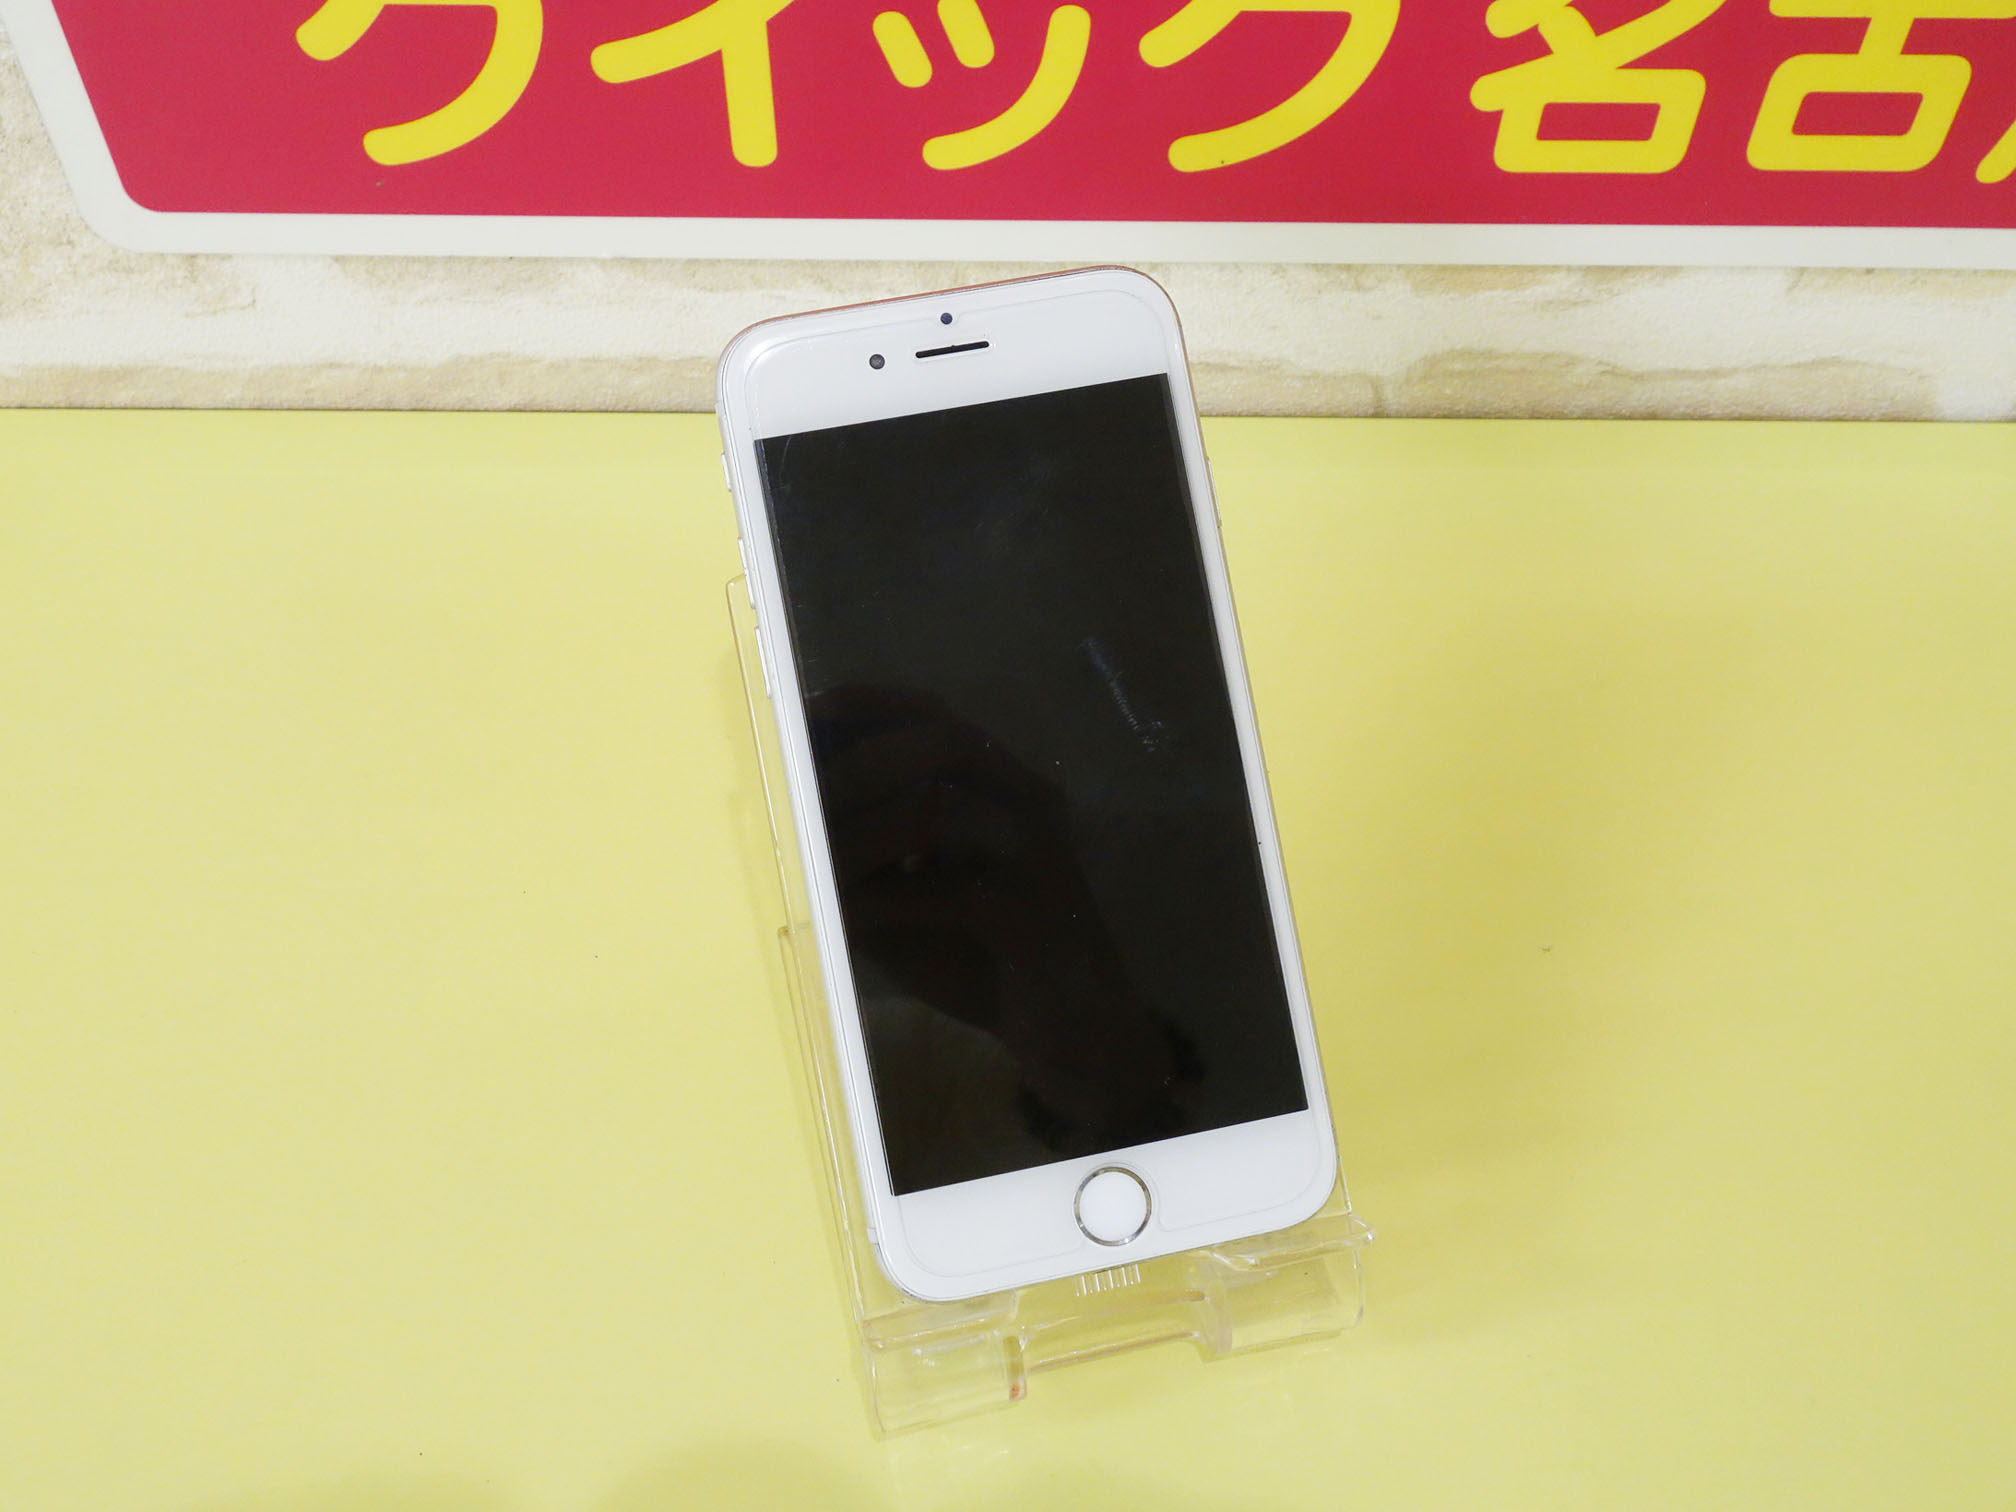 三重県 トイレで水没 iPhone6 データ復旧の基板修理 アイフォン修理のクイック名古屋